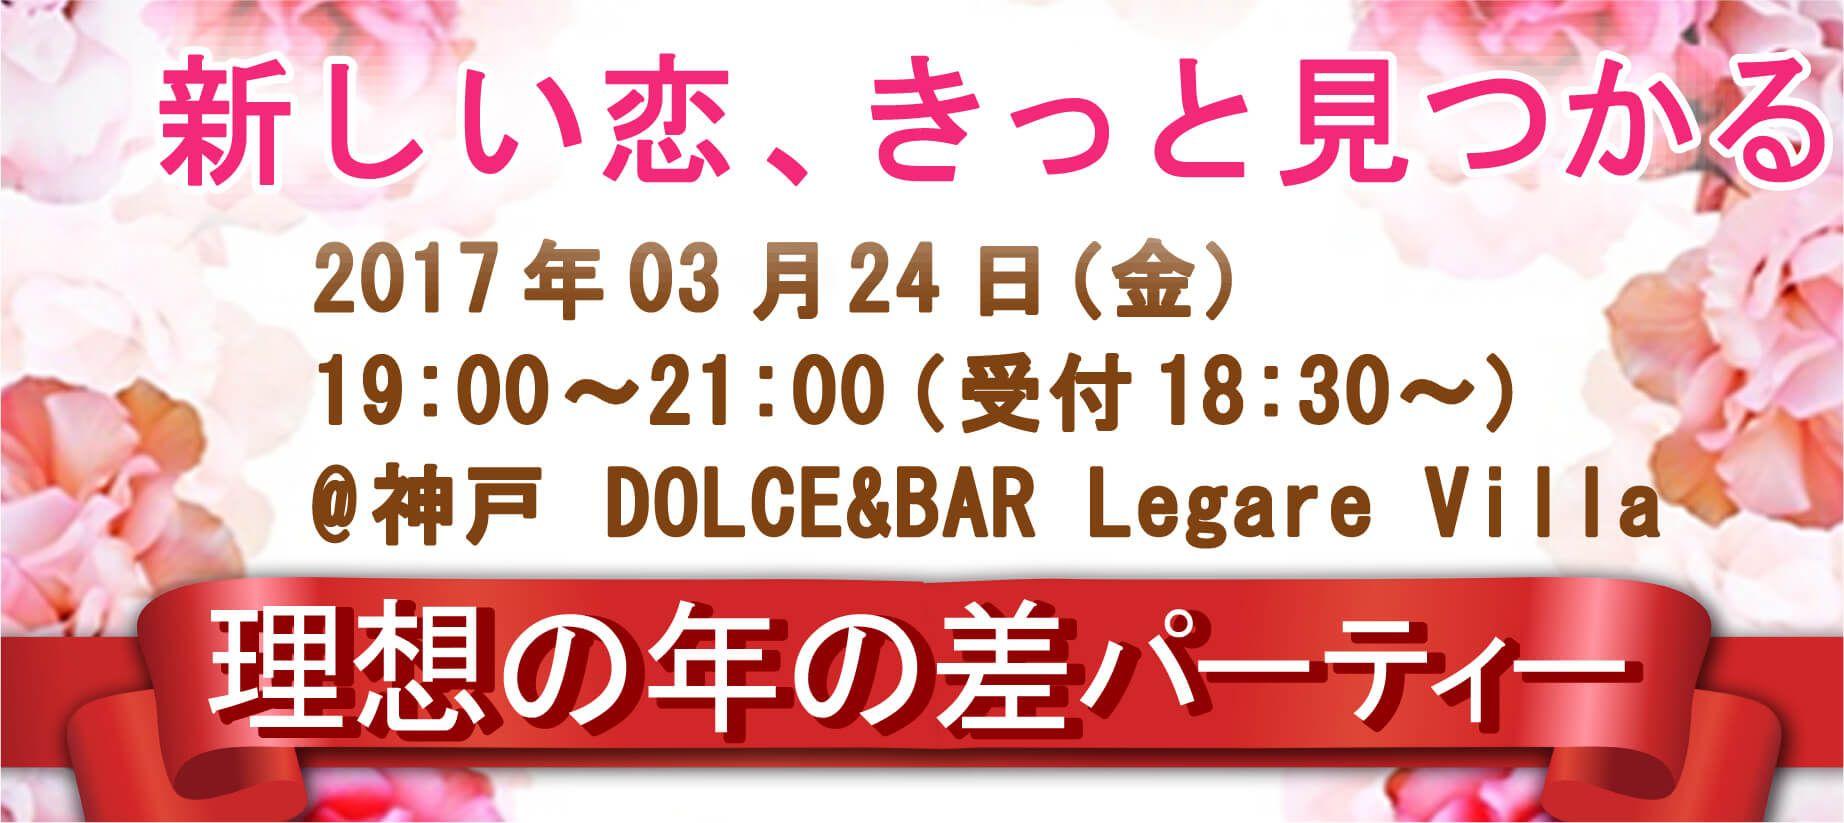 3.24(金)【理想の年の差パーティー!】カップル率上昇中↑Saturday Night Party♪ 男性:23~33歳☆女性:20~30☆in神戸